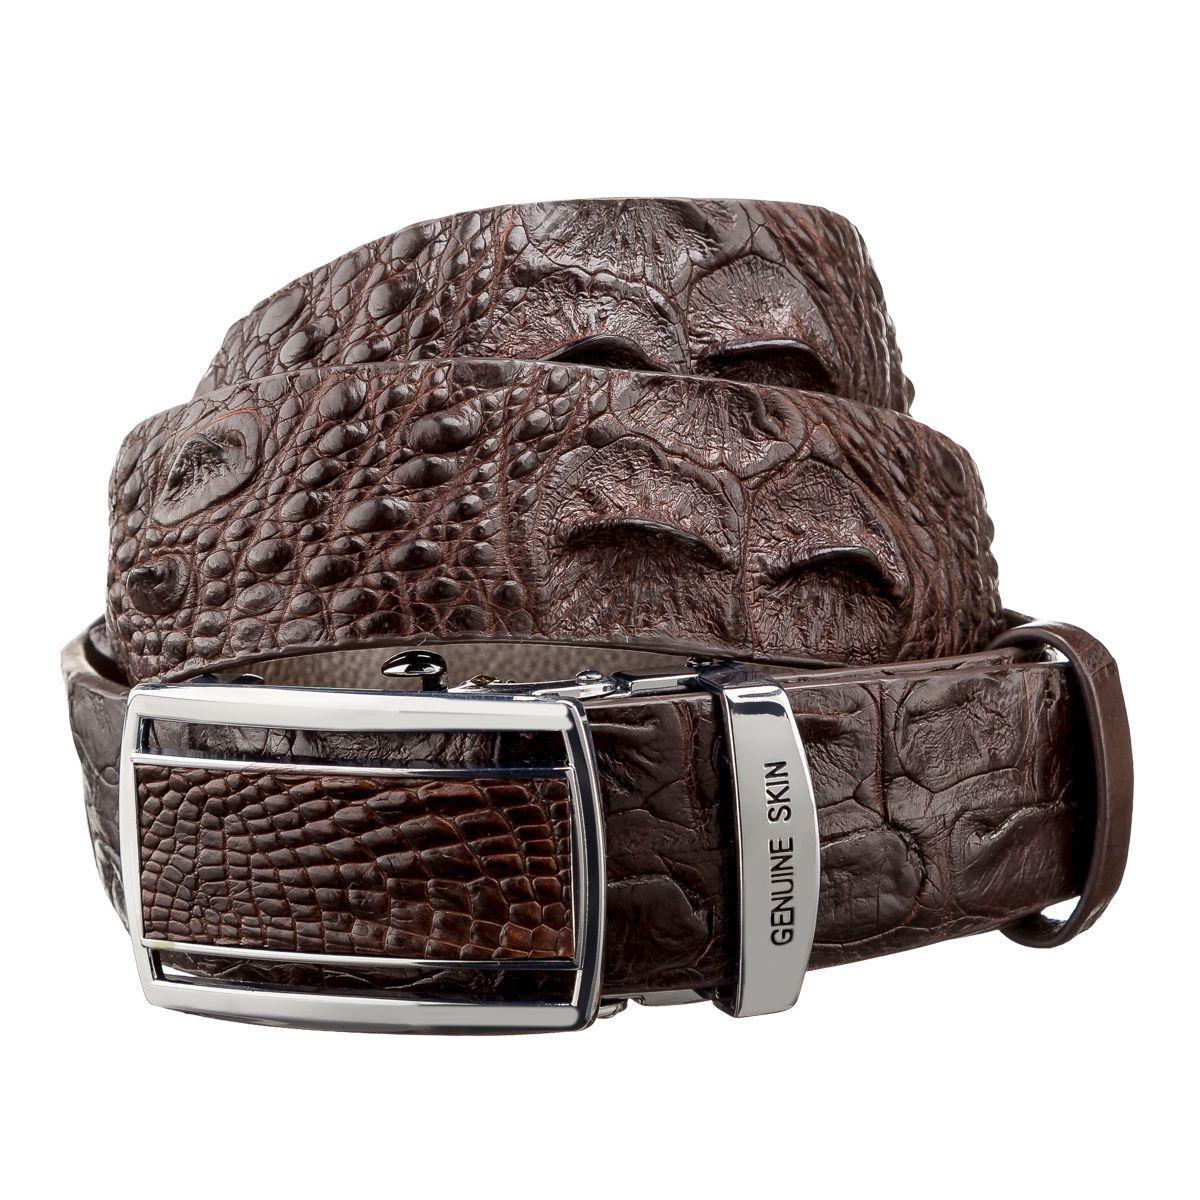 Ремень-автомат из натуральной кожи крокодила Ekzotic Leather Коричневый (crb 19)